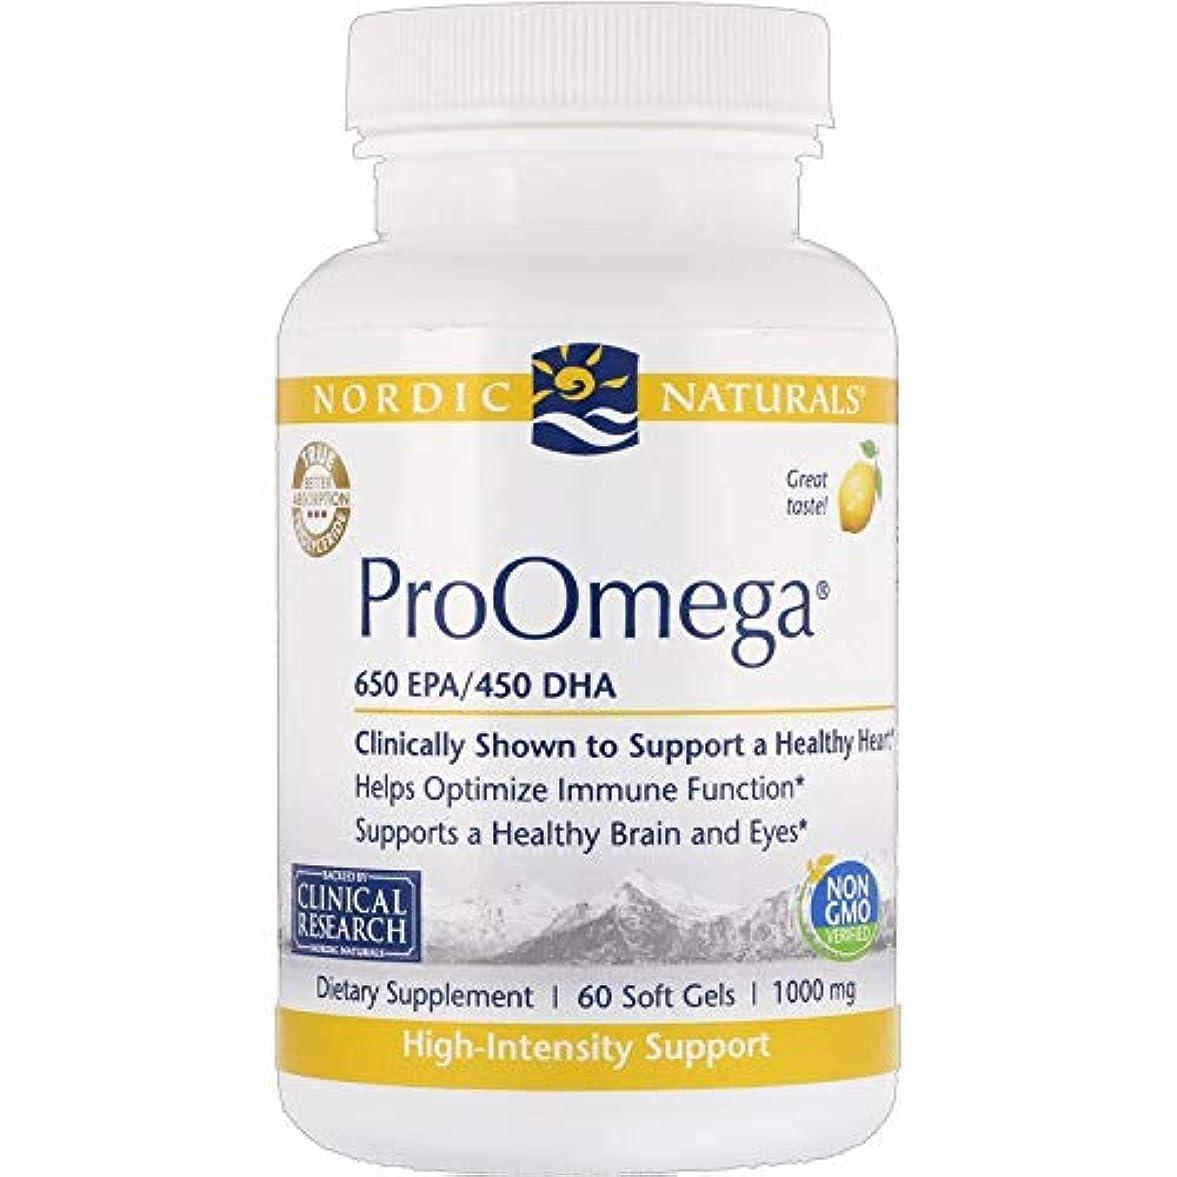 コンチネンタルコントロール指定Nordic Naturals ProOmega プロオメガ レモン味 650 EPA / 450 DHA 1000 mg 60粒 [海外直送品]